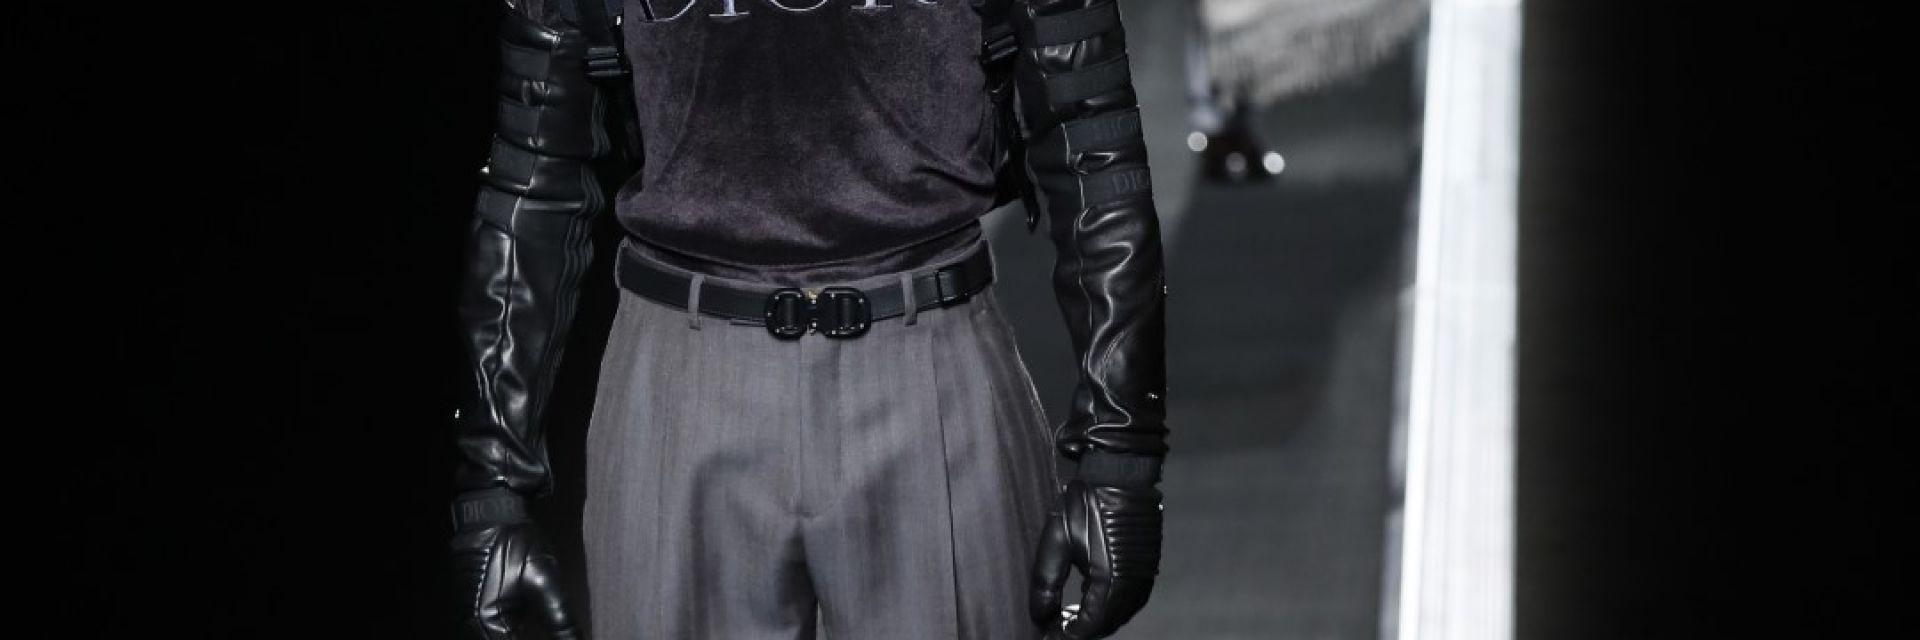 Dior представи колекцията си на конвейер вместо на подиум